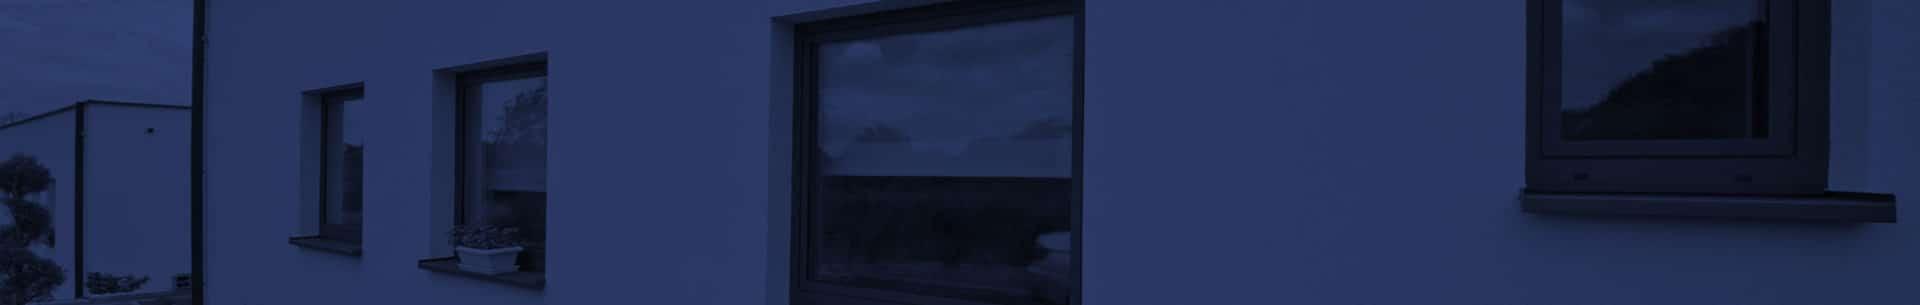 Vega HP fenêtre aluminium